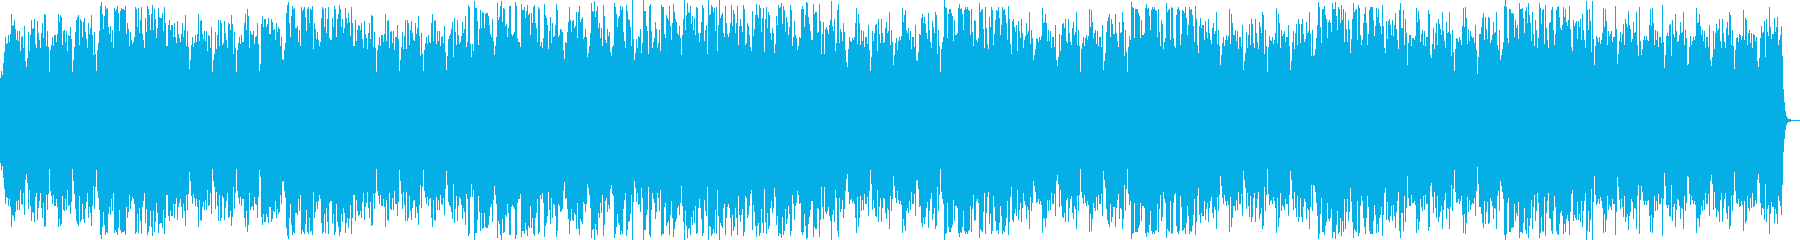 明るくきらめくシンセサイザーサウンドの再生済みの波形